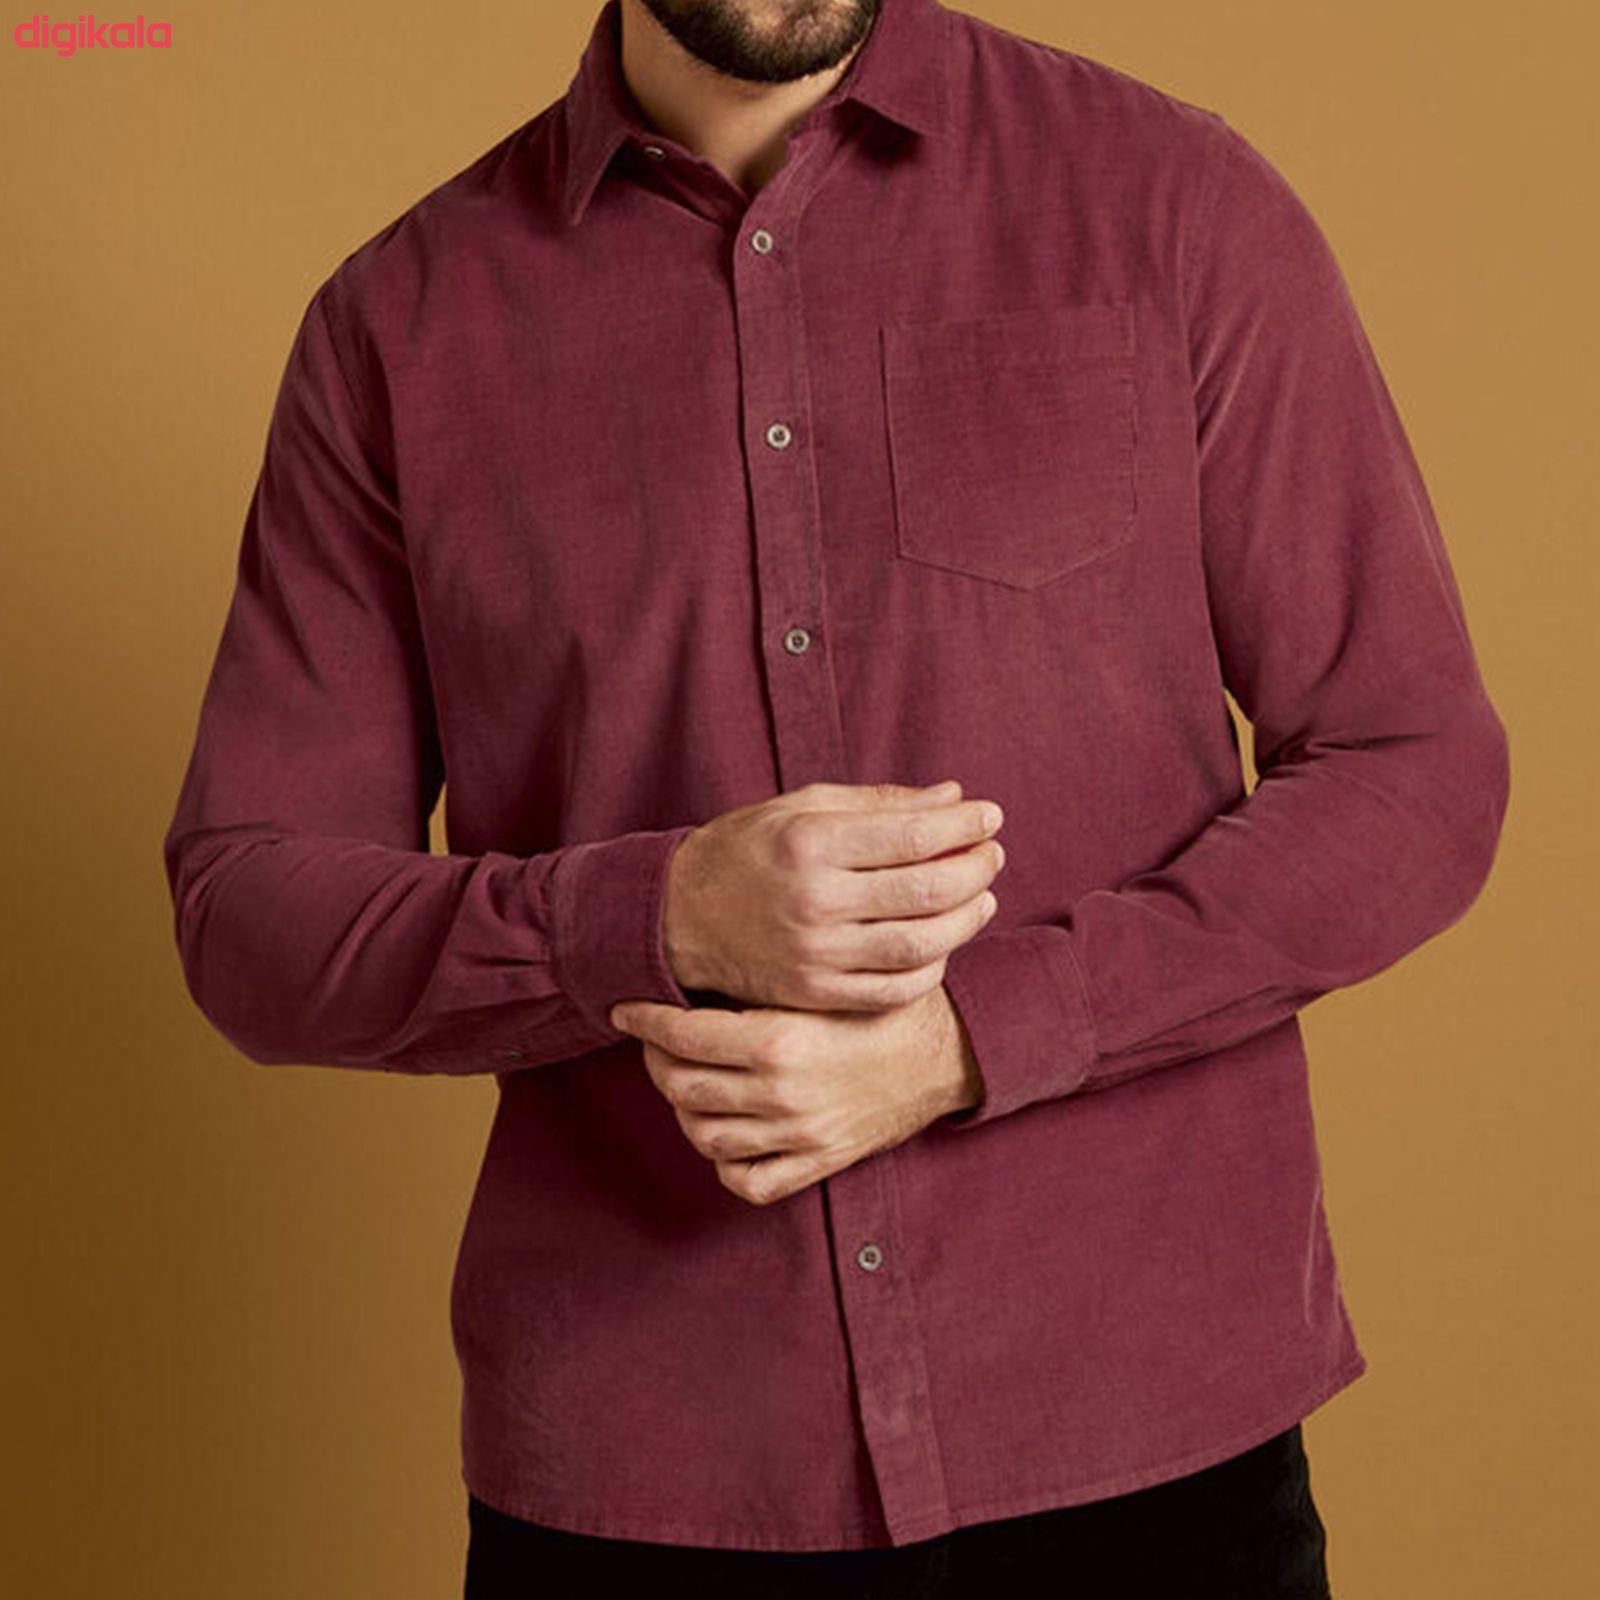 پیراهن آستین بلند مردانه لیورجی مدل 3334472 رنگ قرمز main 1 4